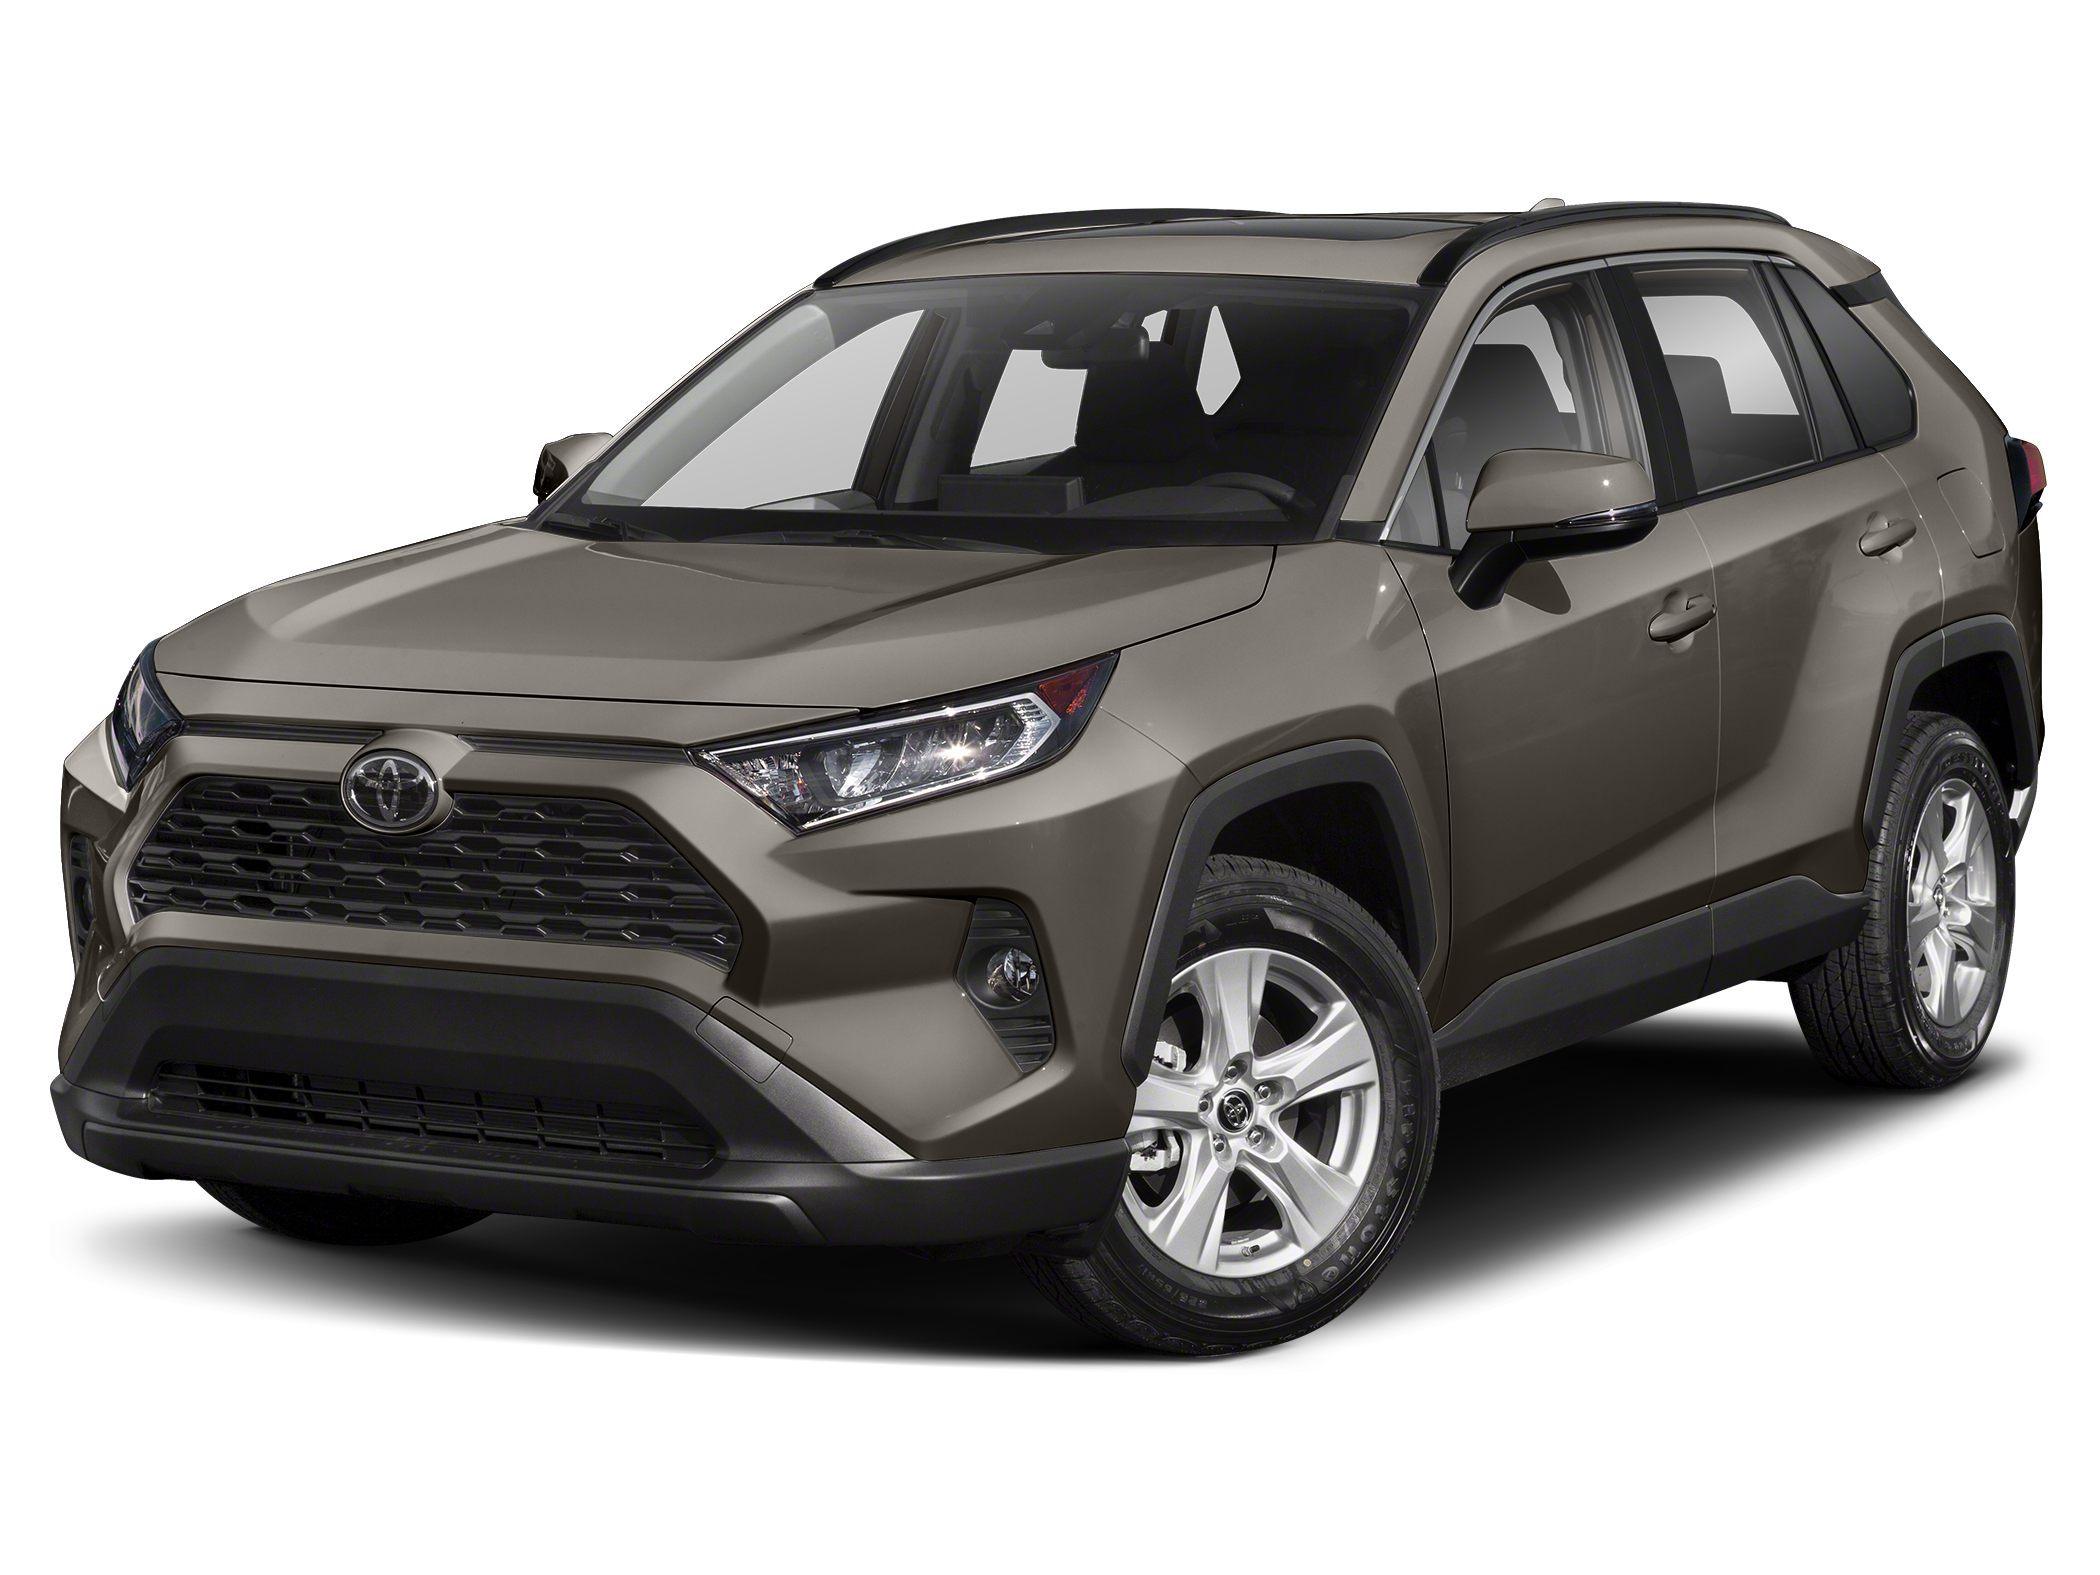 Certified 2019 Toyota RAV4 XLE Premium with VIN JTMA1RFV2KJ007621 for sale in Maplewood, Minnesota